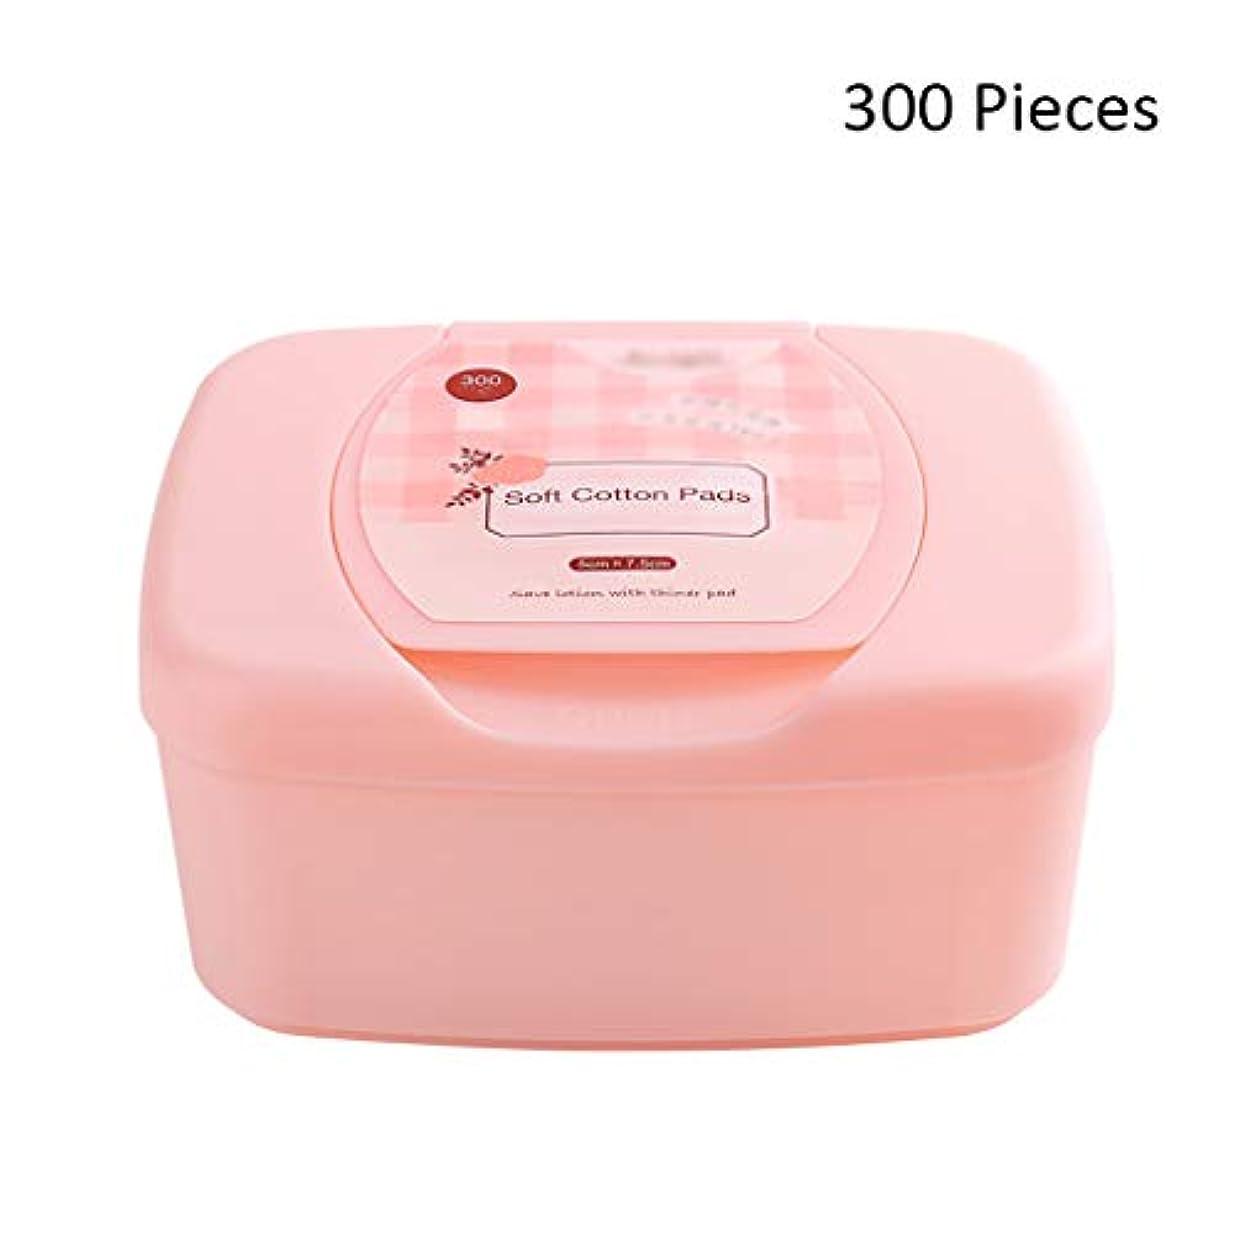 浮くオートマトン好戦的な化粧パッド 300ピース顔メイクコットンワイプフェイスクレンジングパフネイルポリッシュリムーバーリムーバブル化粧品スキンケアパッド付きケース メイク落とし化粧パッド (Color : Pink, サイズ : 7.5*5cm)